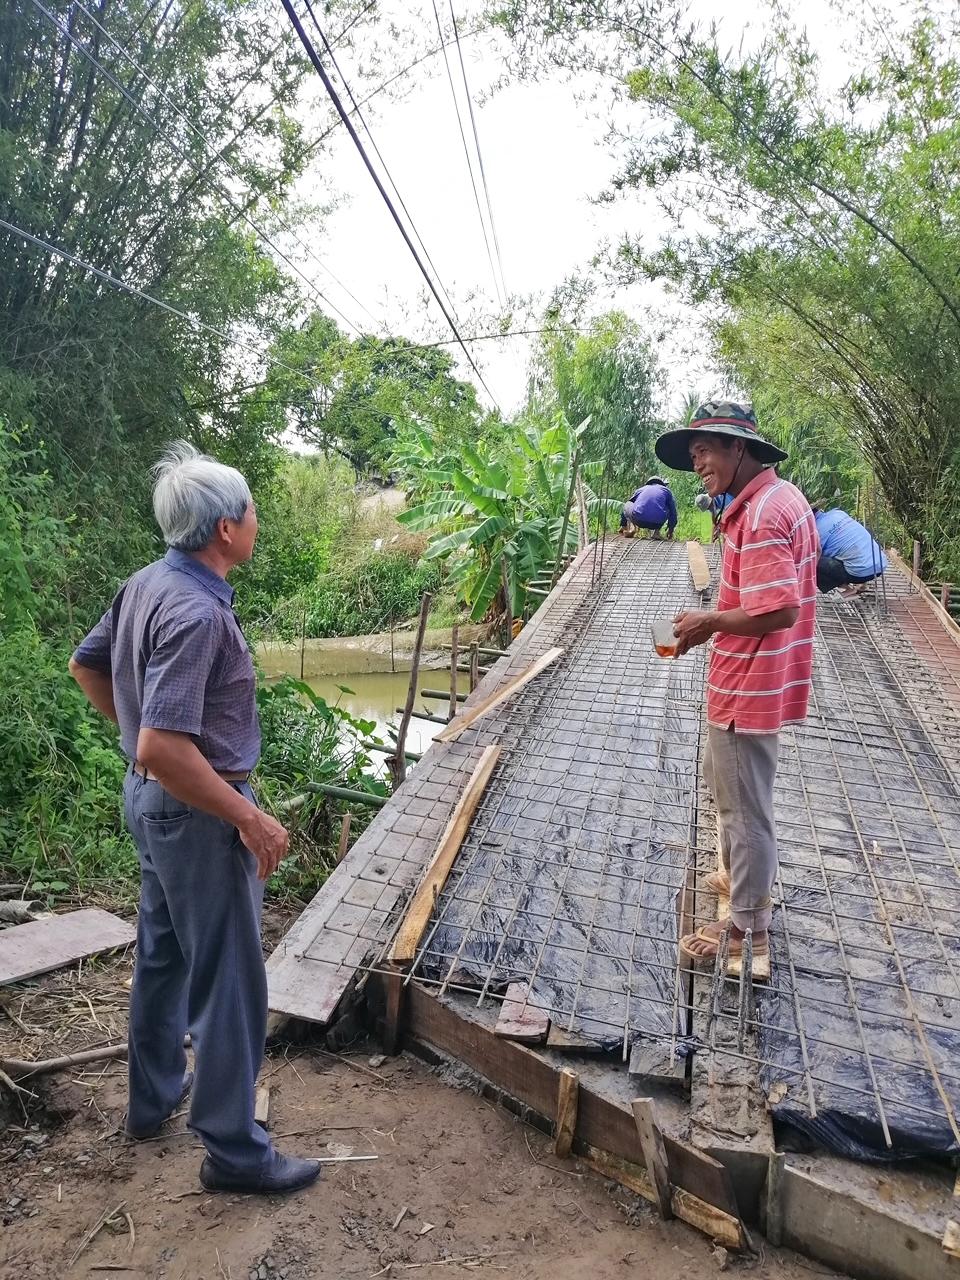 Anh Huỳnh Sa Vết (người áo đỏ) luôn là người tiên phong trong thực hiện công trình dân sinh